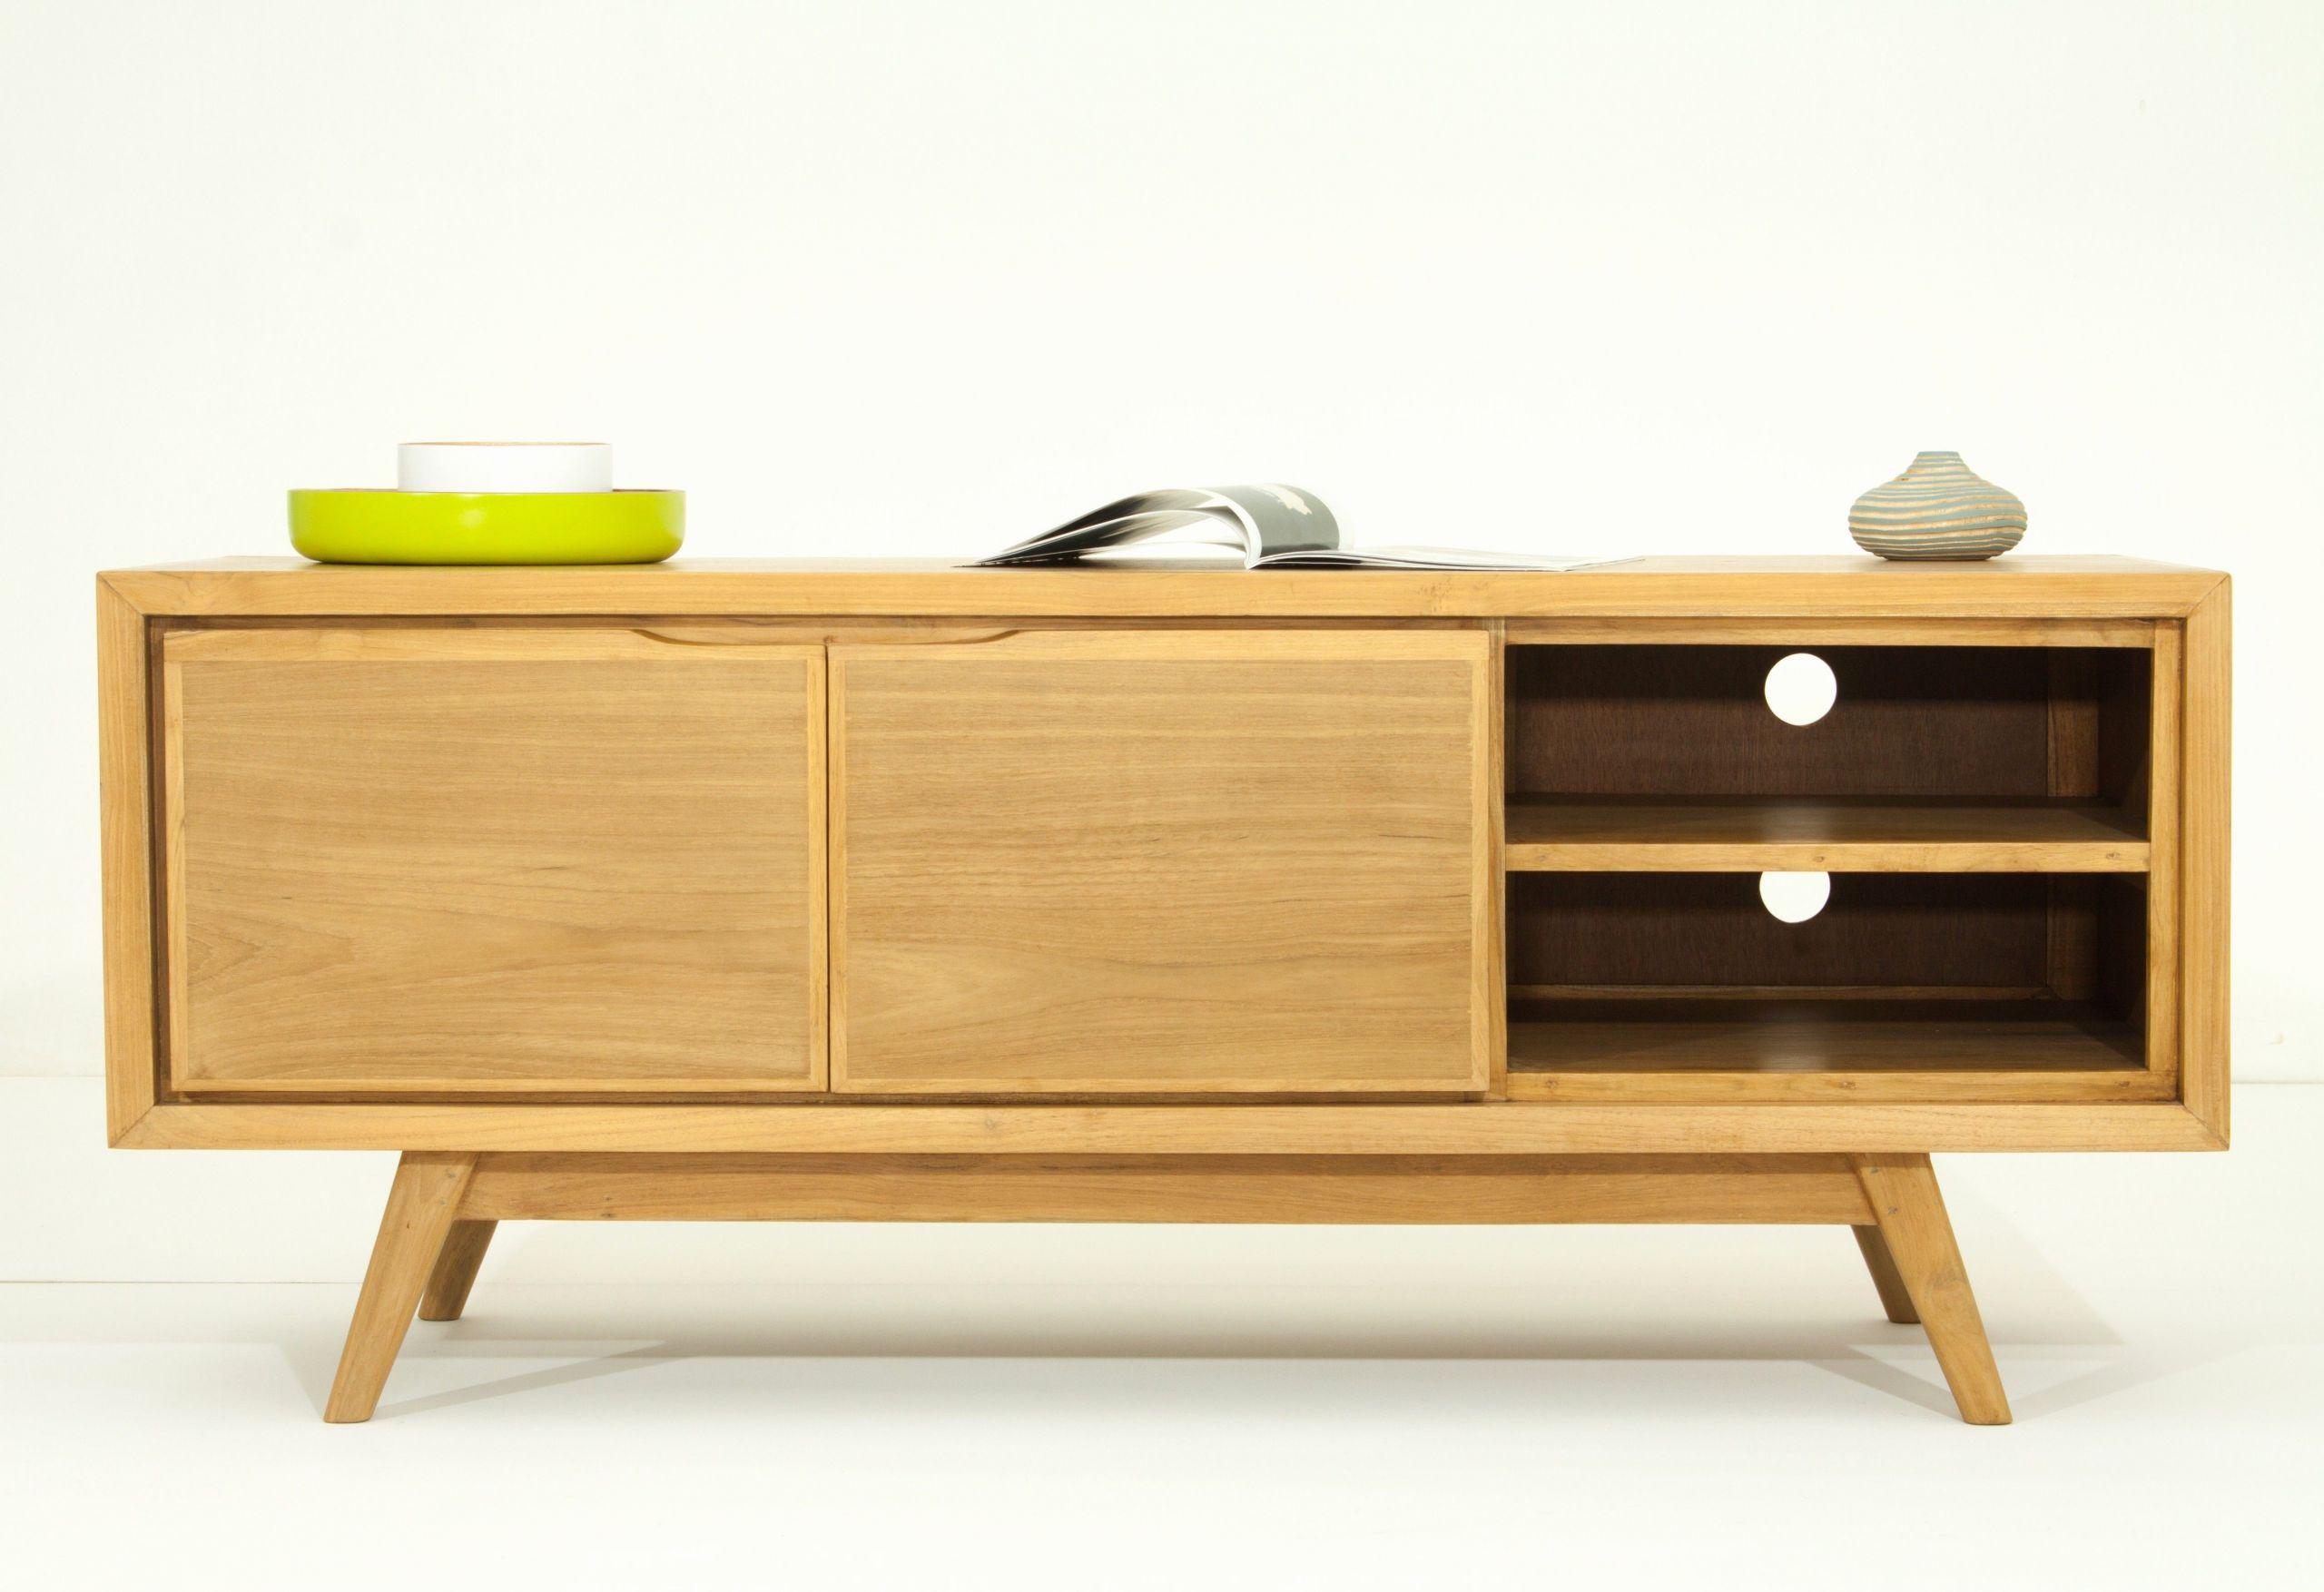 meuble bois et fer noir meuble tv bois vieilli 33 schc2a8me table basse bois vieilli of meuble bois et fer noir